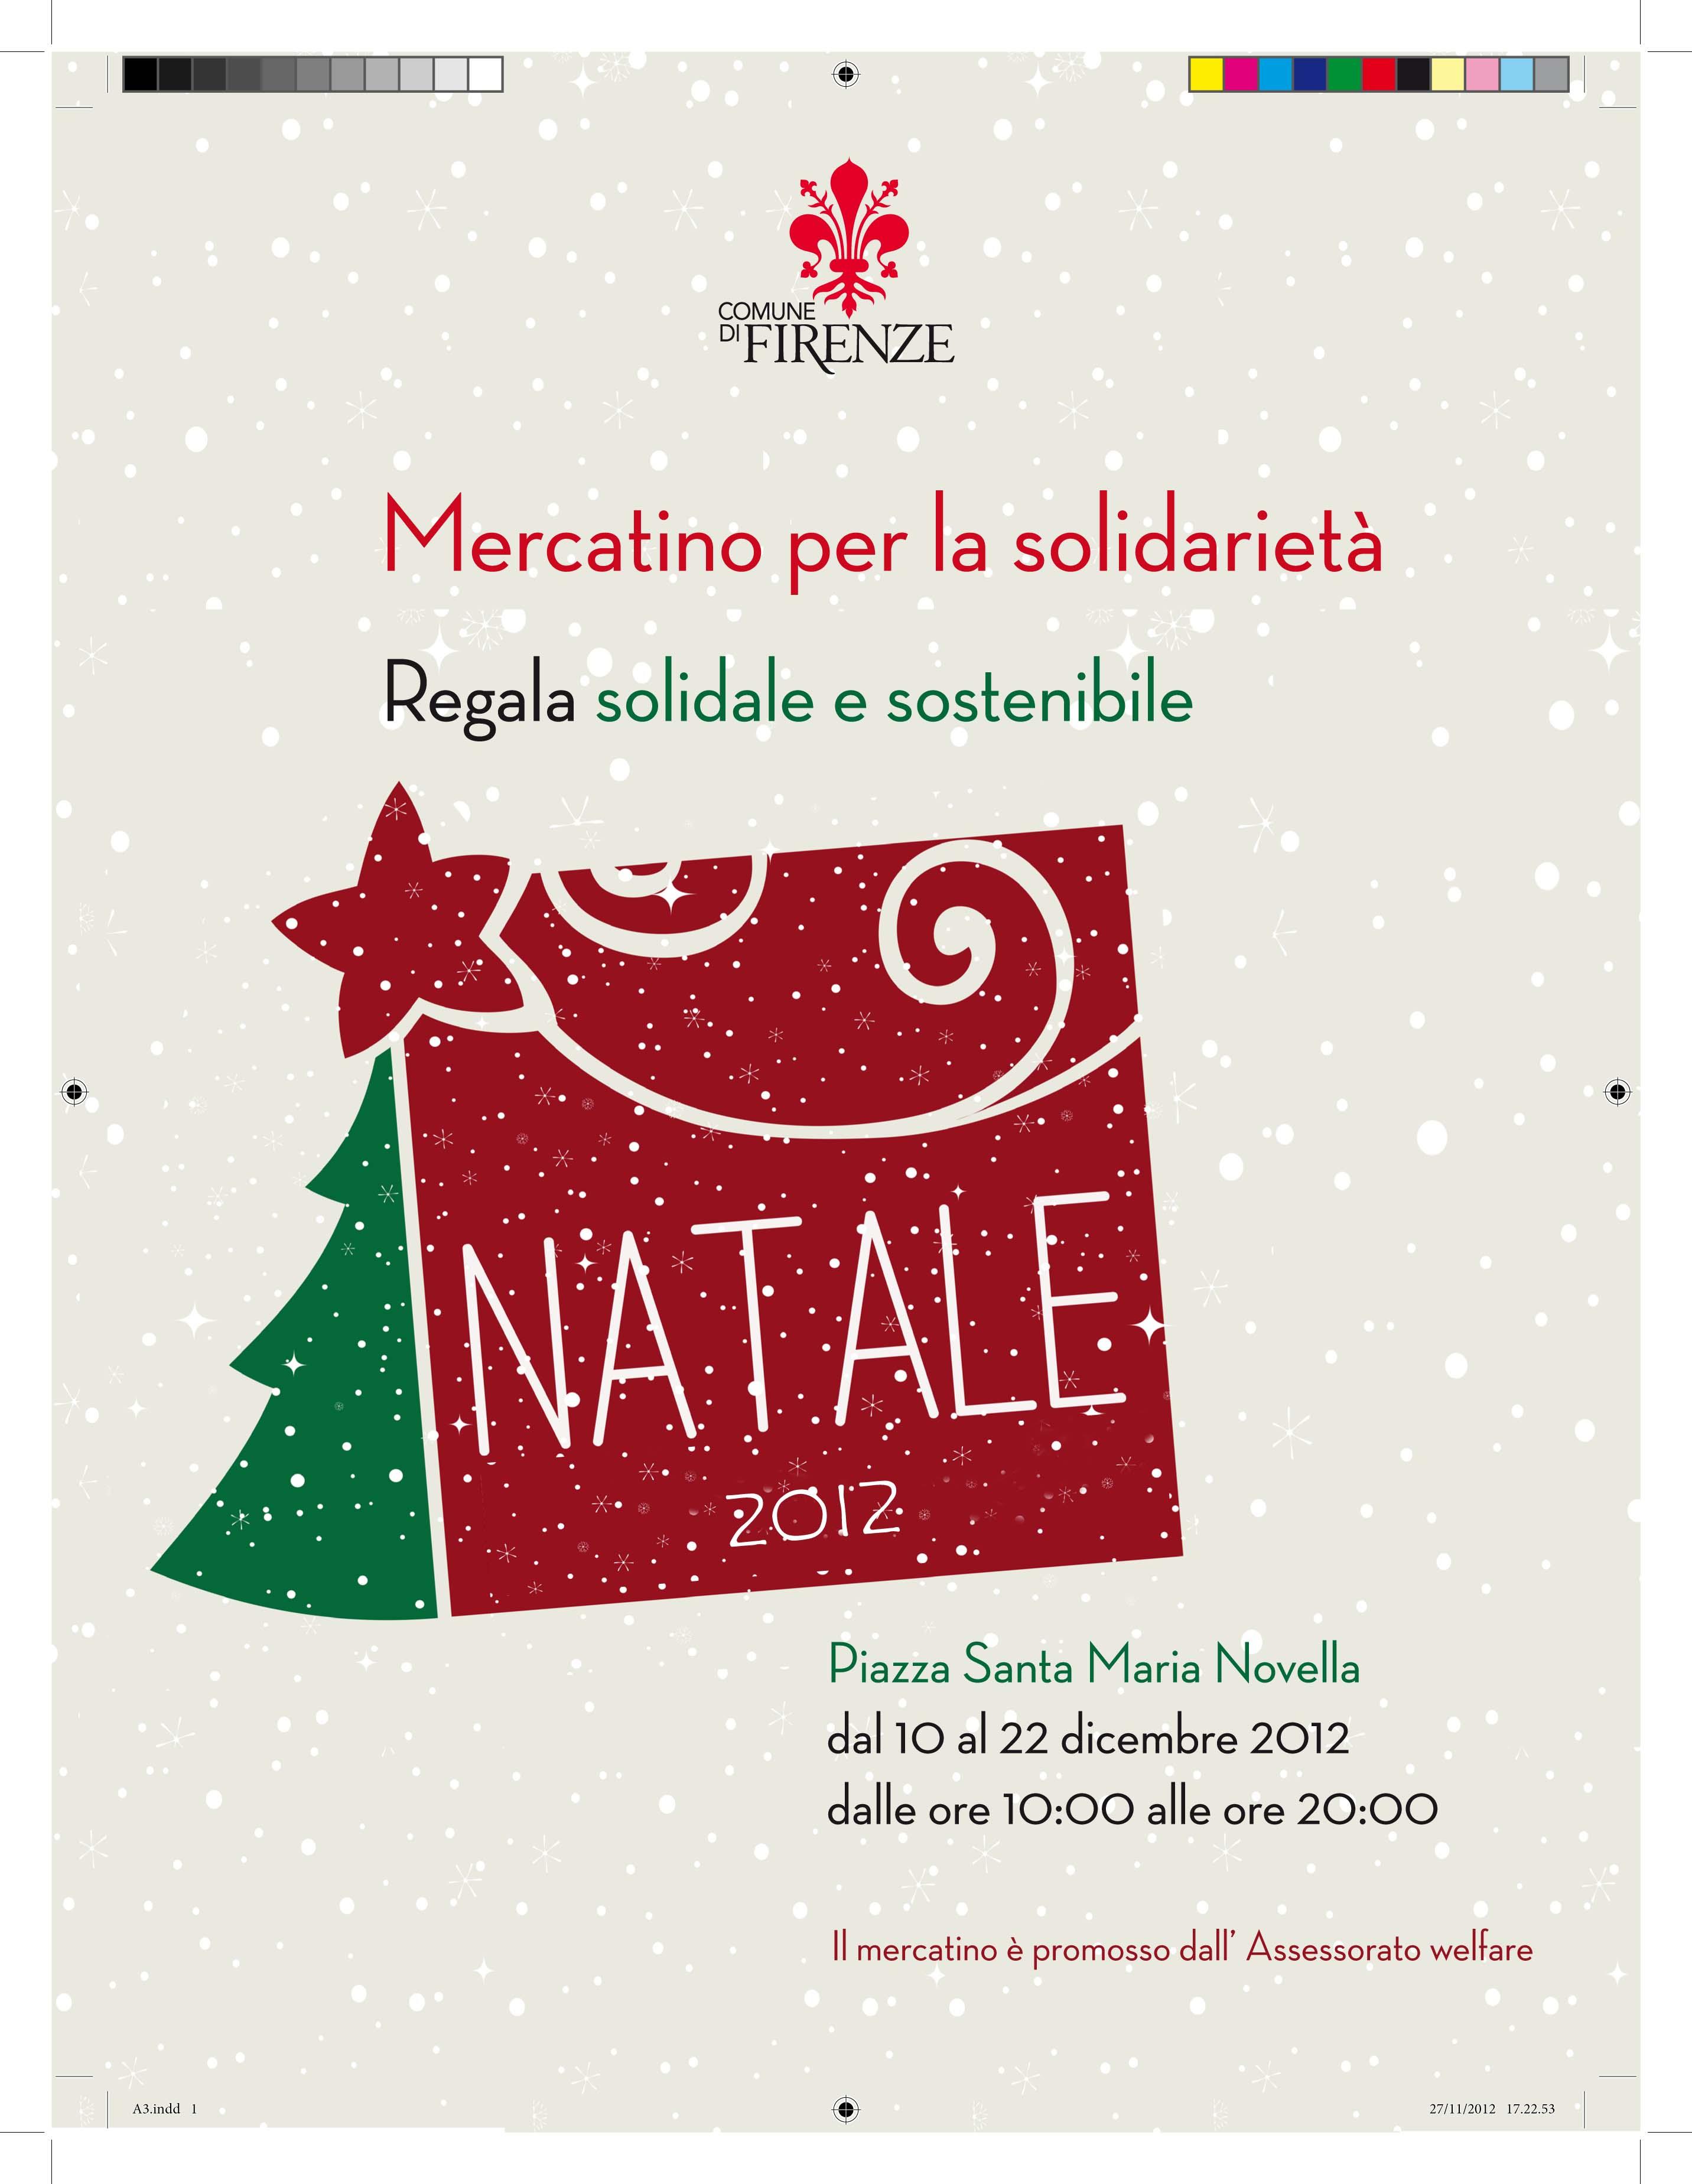 Firenze: la sezione di Shalom al mercatino  per la solidarietà